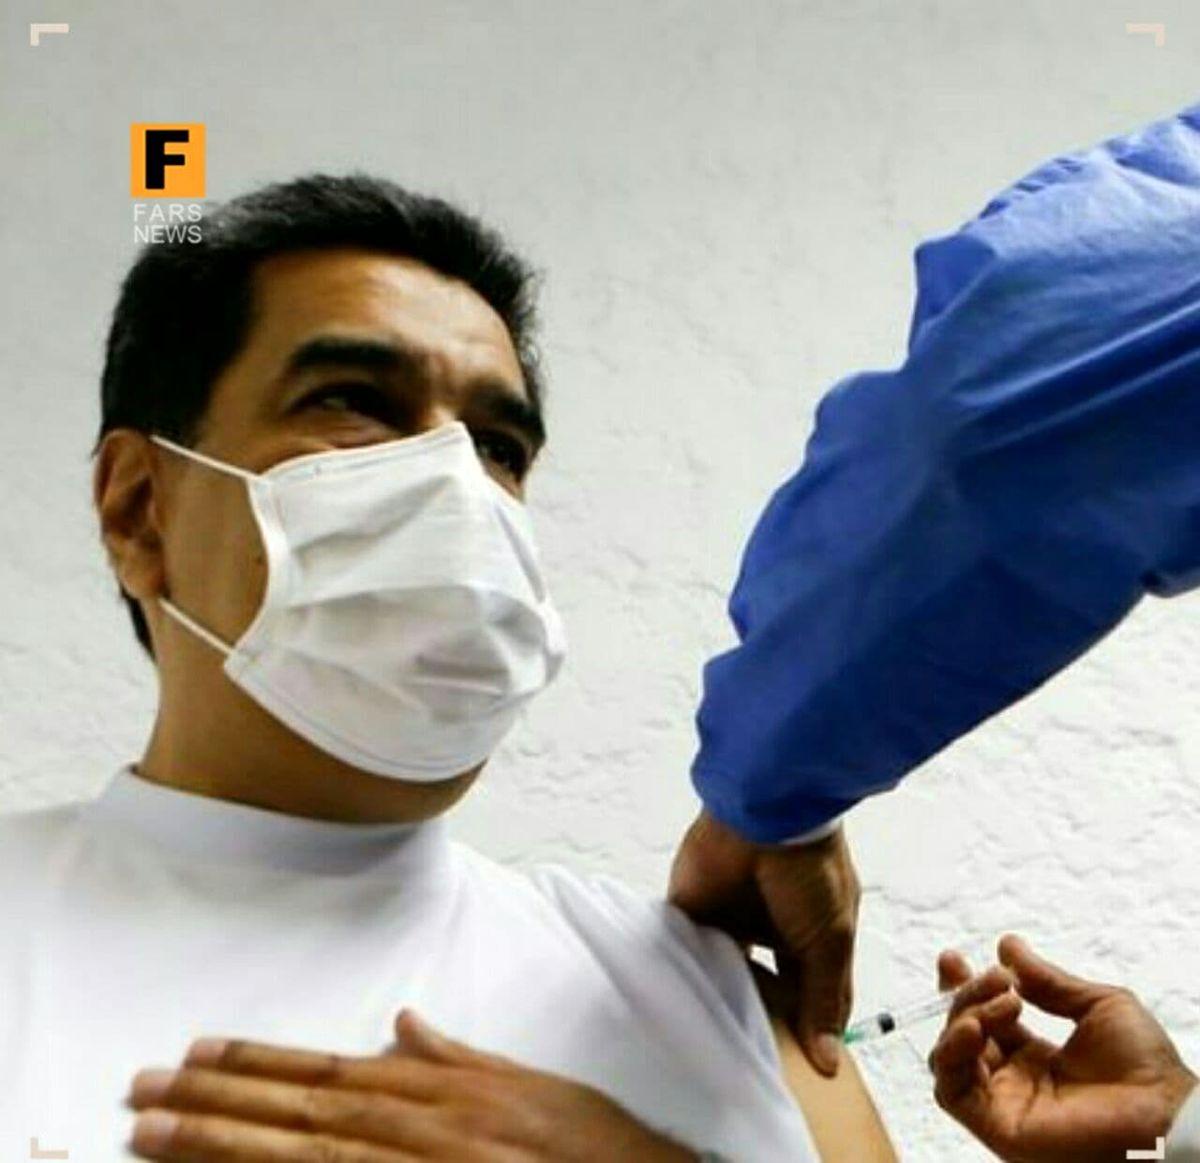 رییسجمهور ونزوئلا واکسن روسی زد +عکس